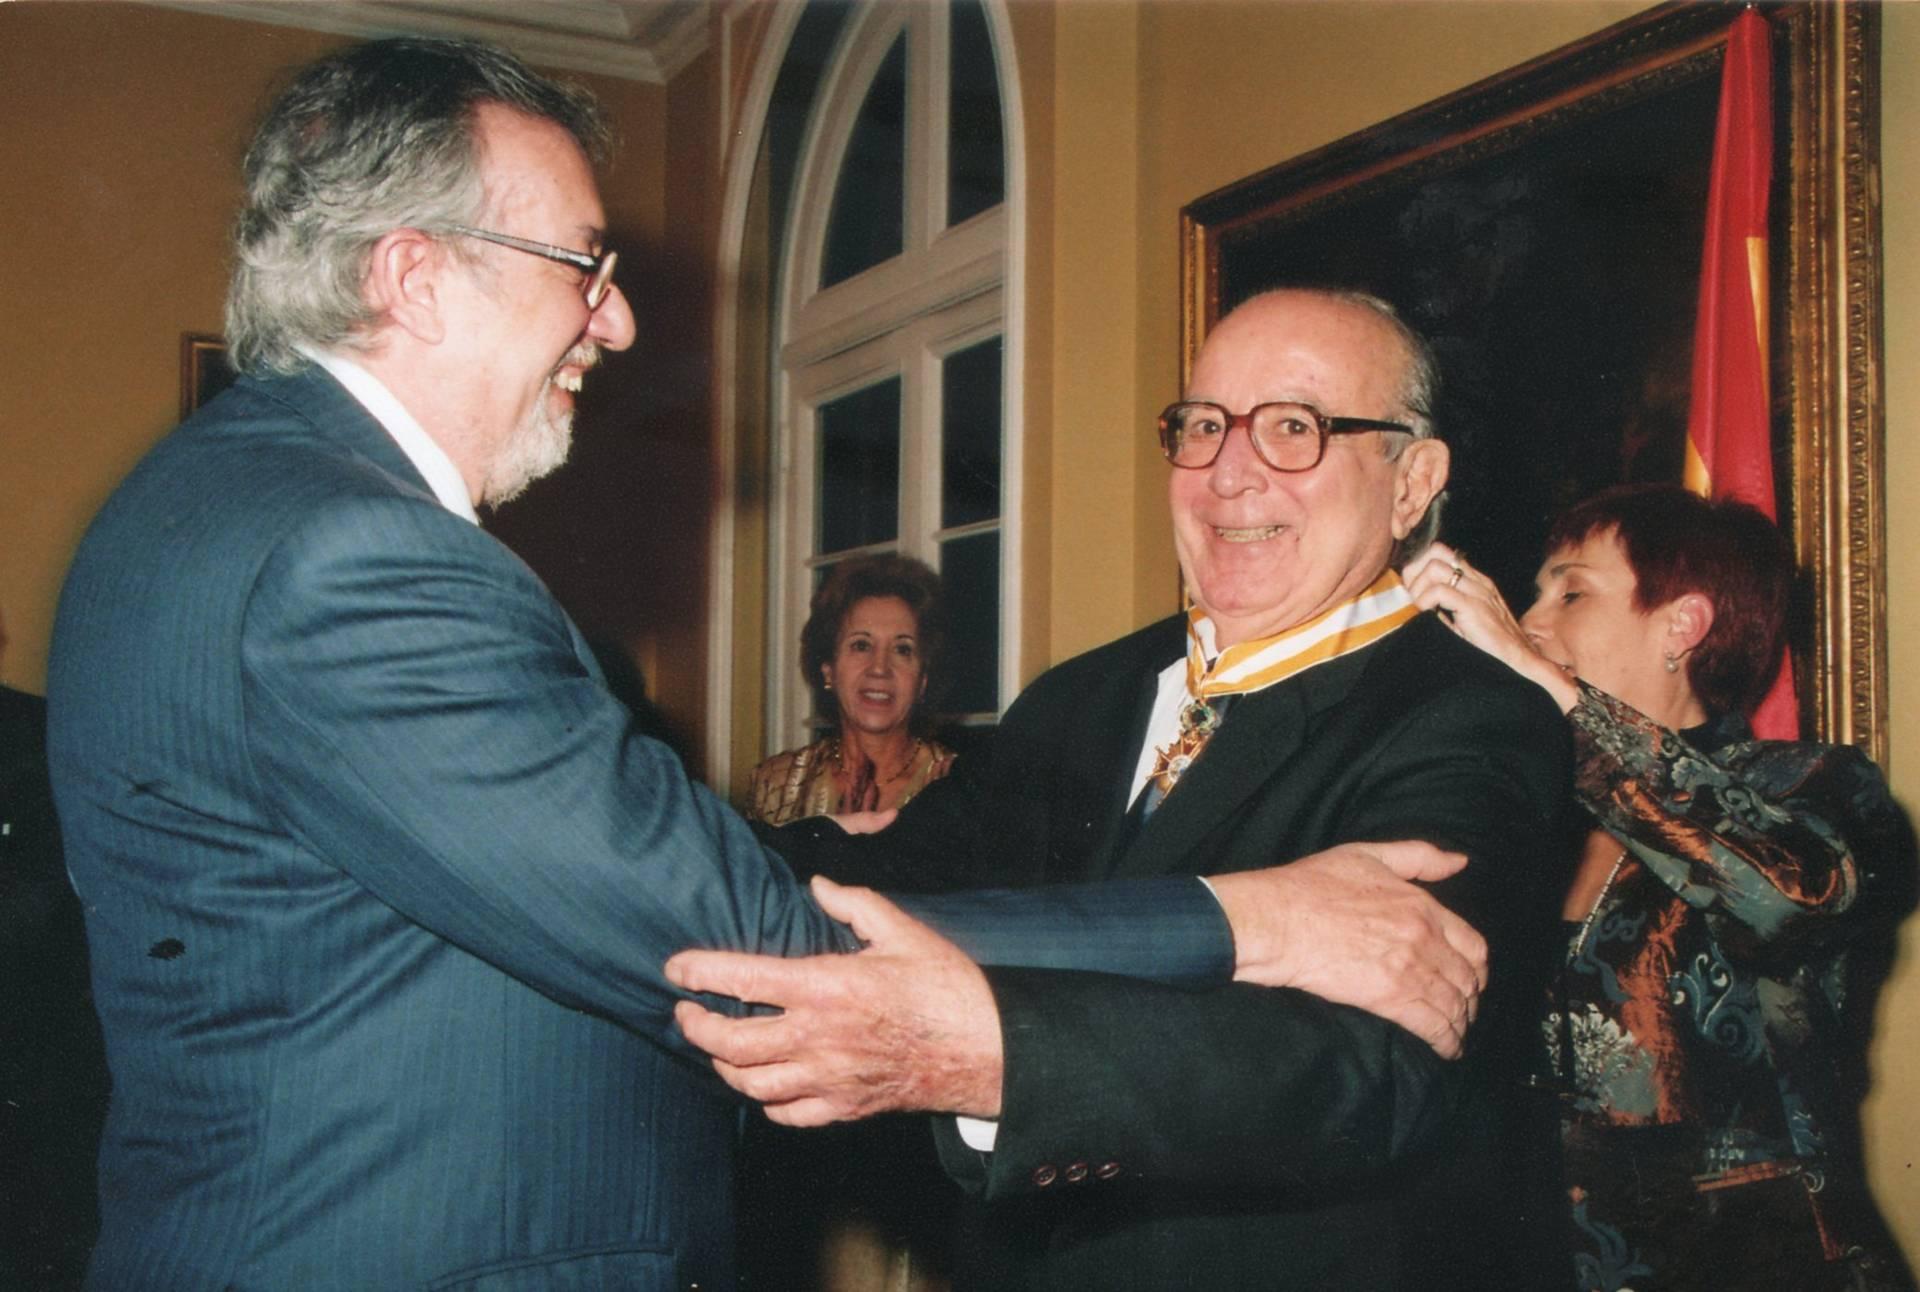 Recibiendo la Orden de Isabel la Católica, otorgada por el Rey de España, y la ciudadanía española.